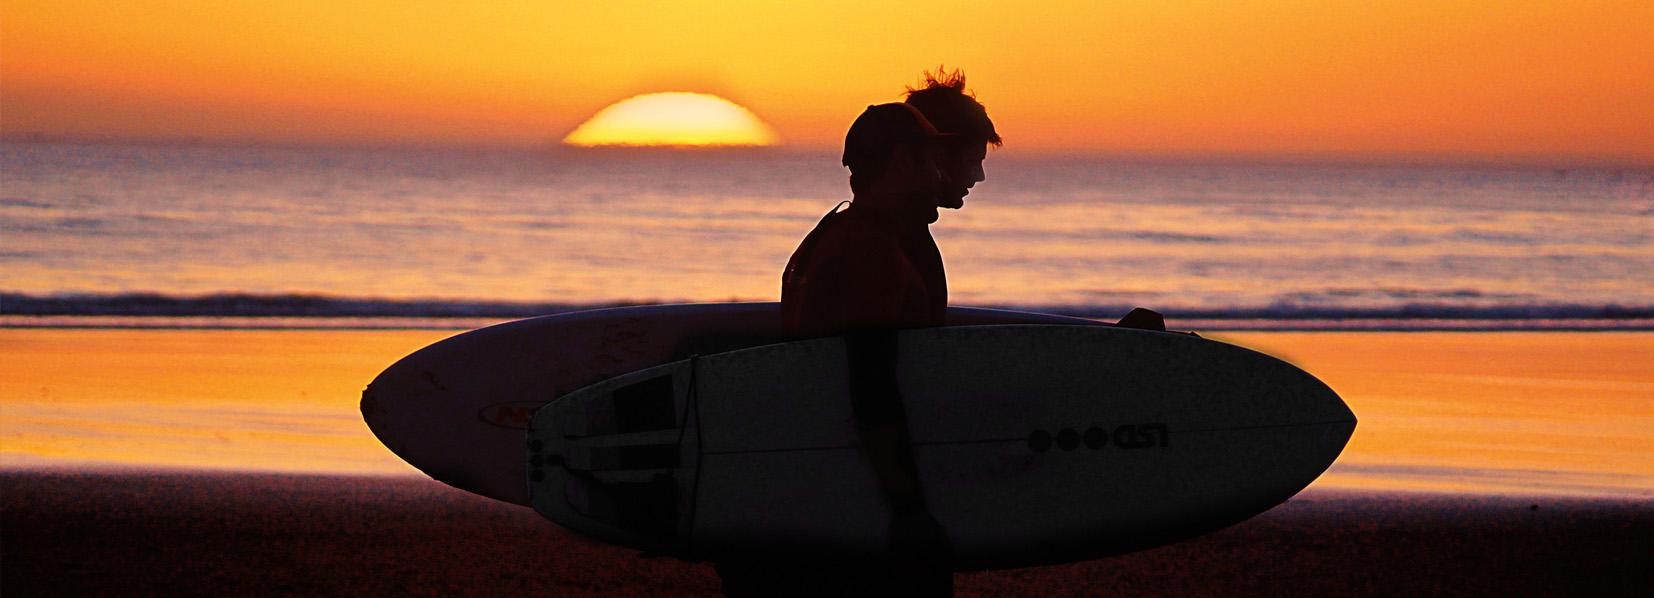 Auf Reisen Daniela Römer Sei startklar surfen surfer footer